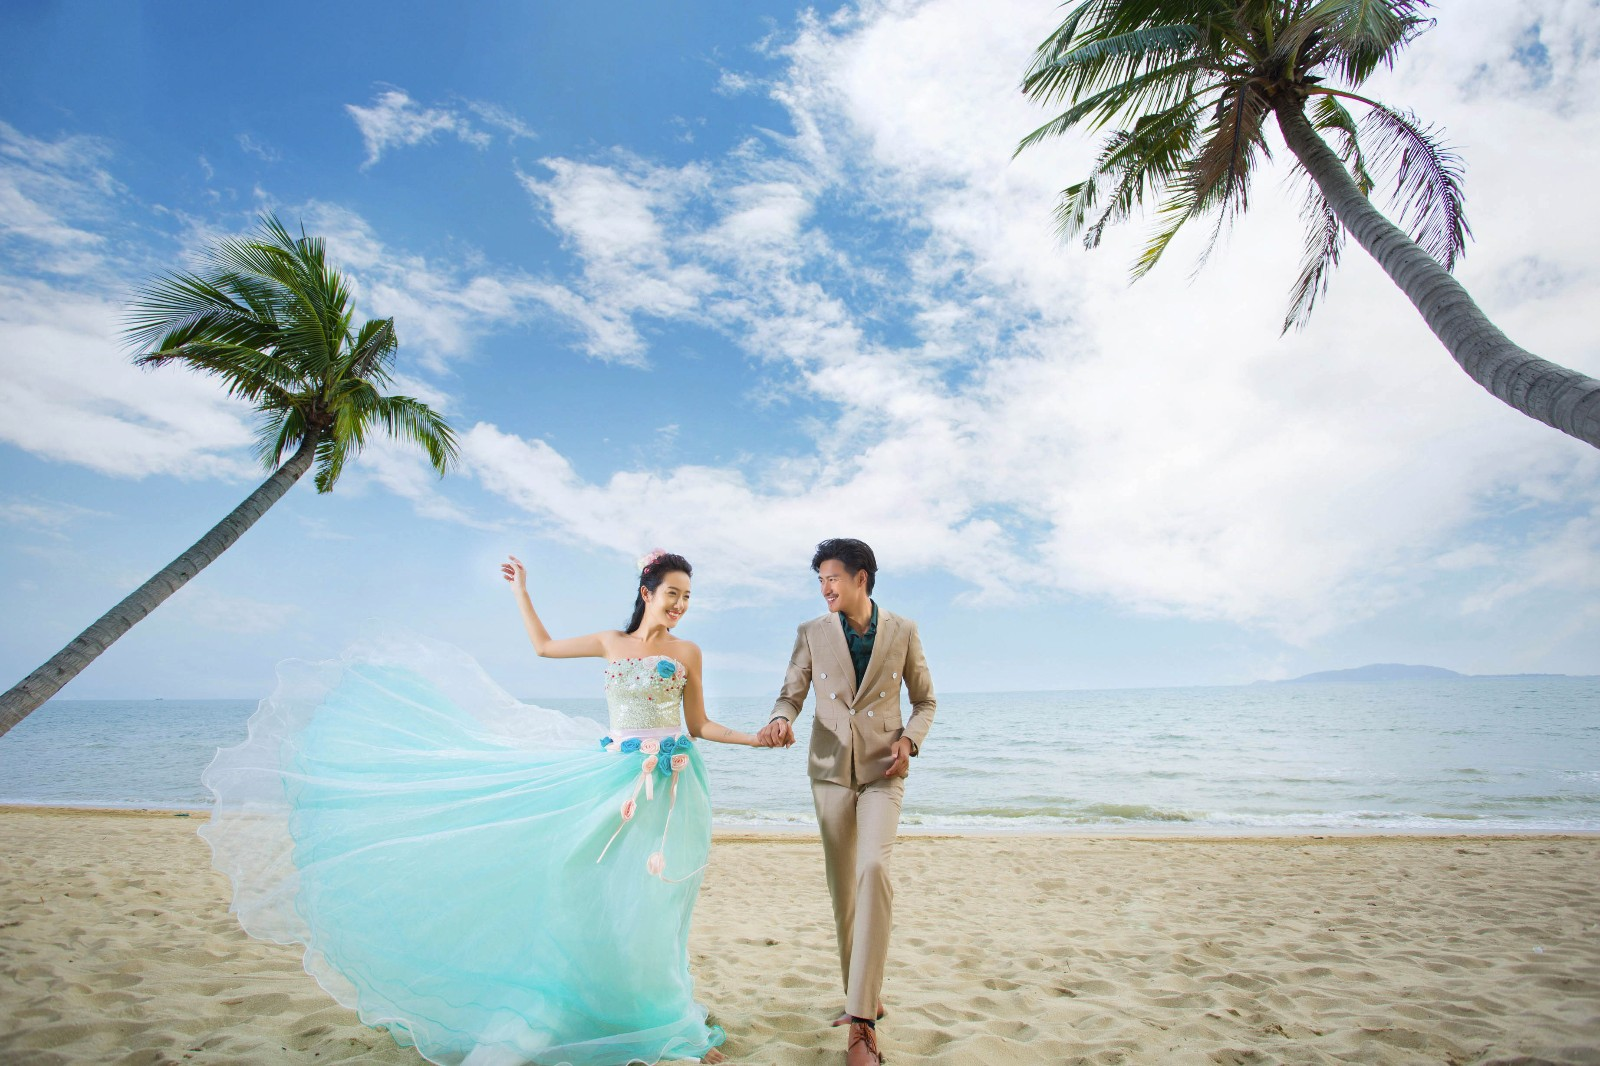 拍婚纱照大概多少钱_你知道在三亚拍一套婚纱照需要多少钱吗?